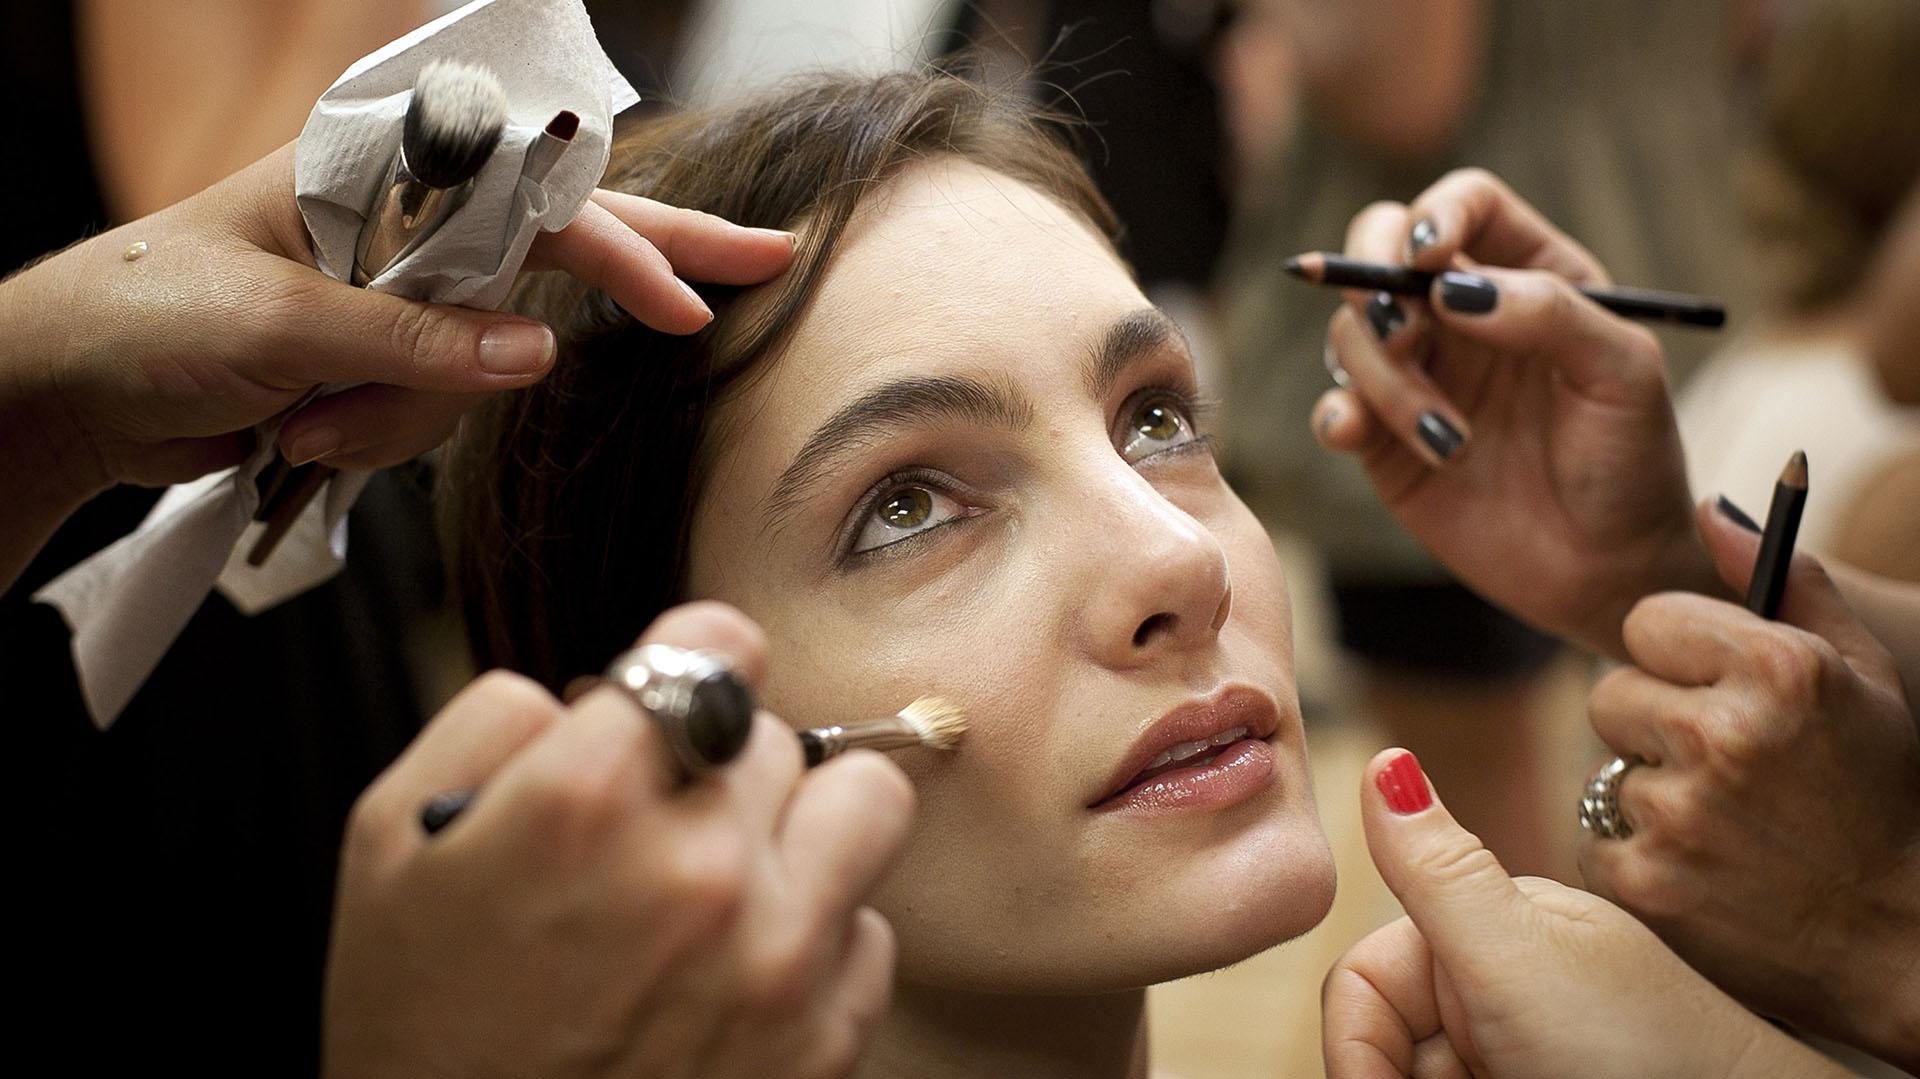 De acuerdo a algunas investigaciones, 8 de cada 10 mujeres se maquillan más de tres veces por semana